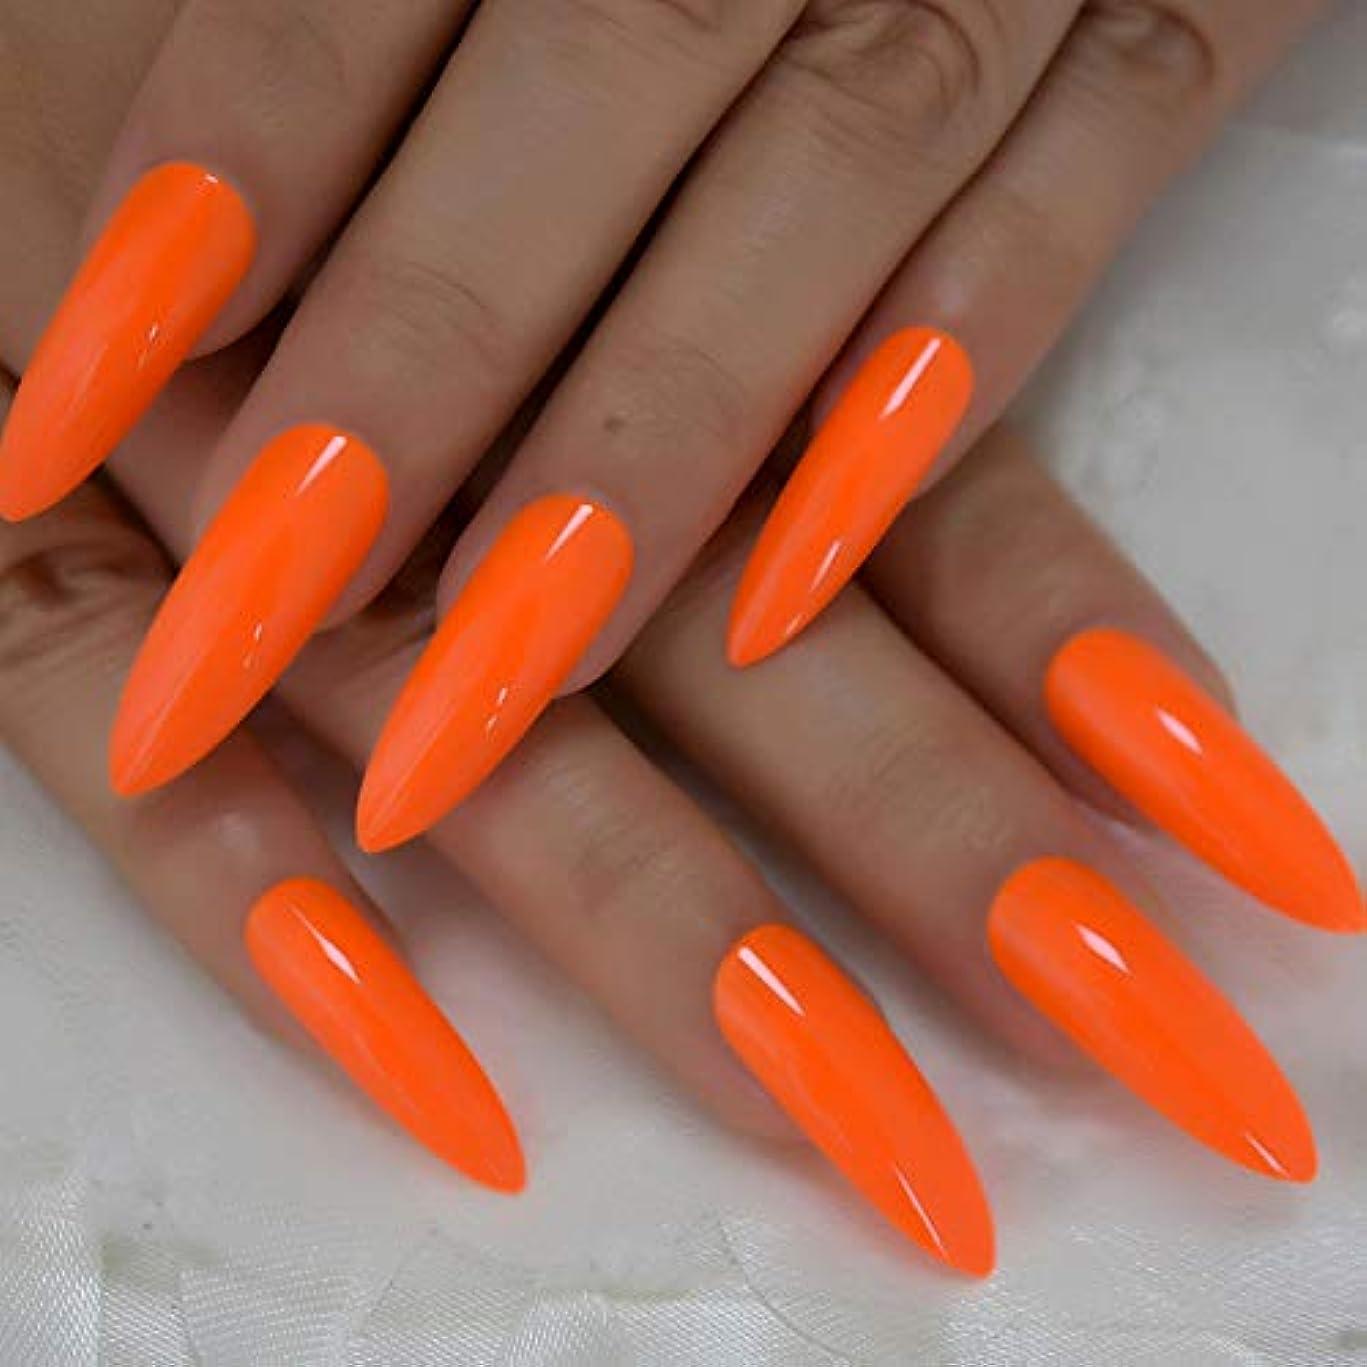 ヨーロッパボイコット祝うXUTXZKA 偽の爪爪のデコレーションマニキュアのヒントの非常に長いオレンジ色の光沢のあるプレス爪24